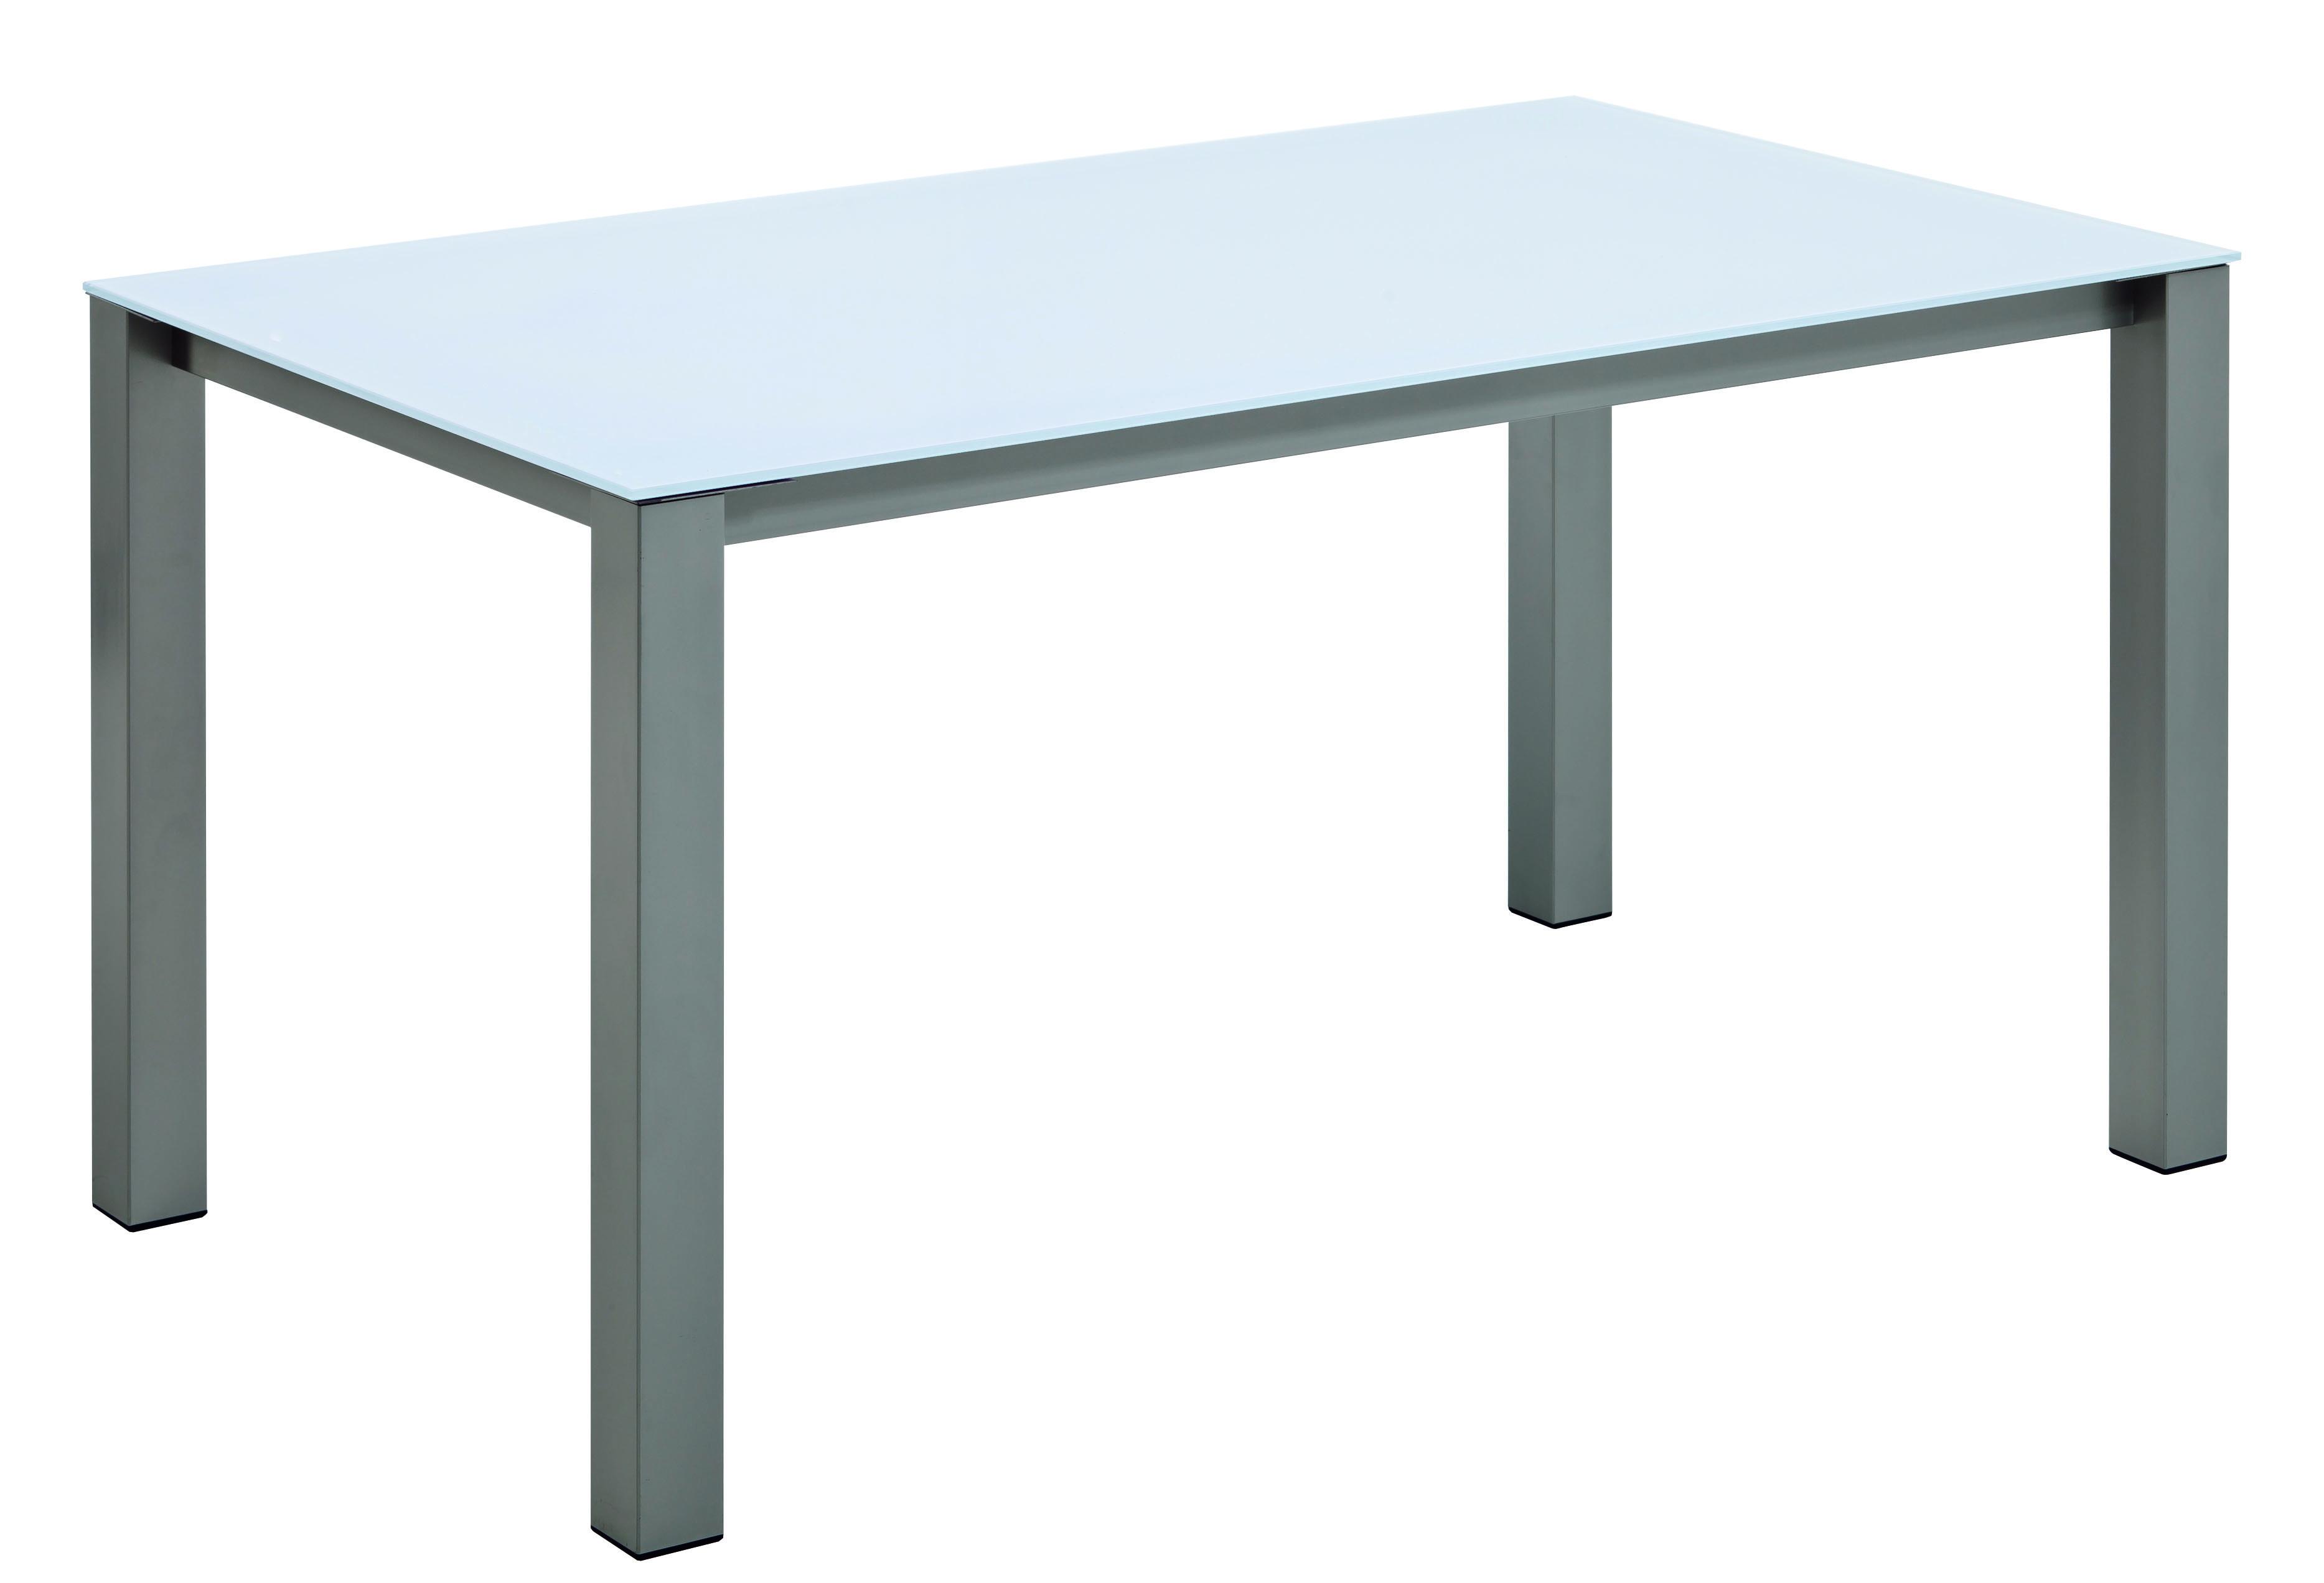 Keukentafel verona: verona tafel perfecta product a propos ...